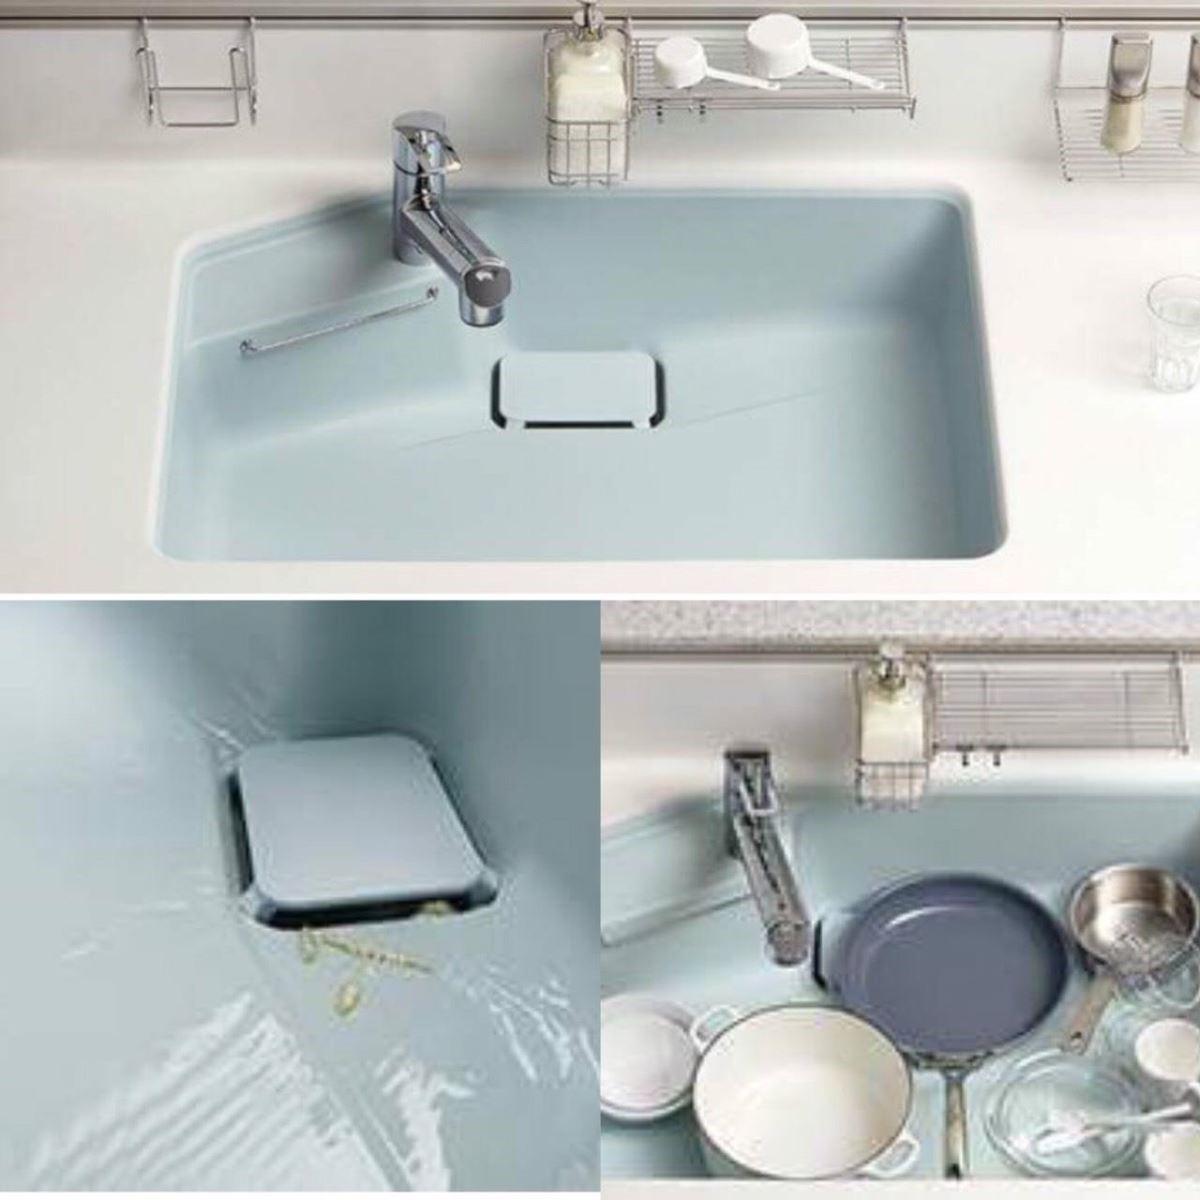 水槽顏色可以隨烹飪者喜好挑選,新型水槽擁有精巧洩水坡度與專利材質,讓污垢能順水流帶走,降低額外刷洗的頻率。(圖片提供_TOCLAS 昰品名廚)